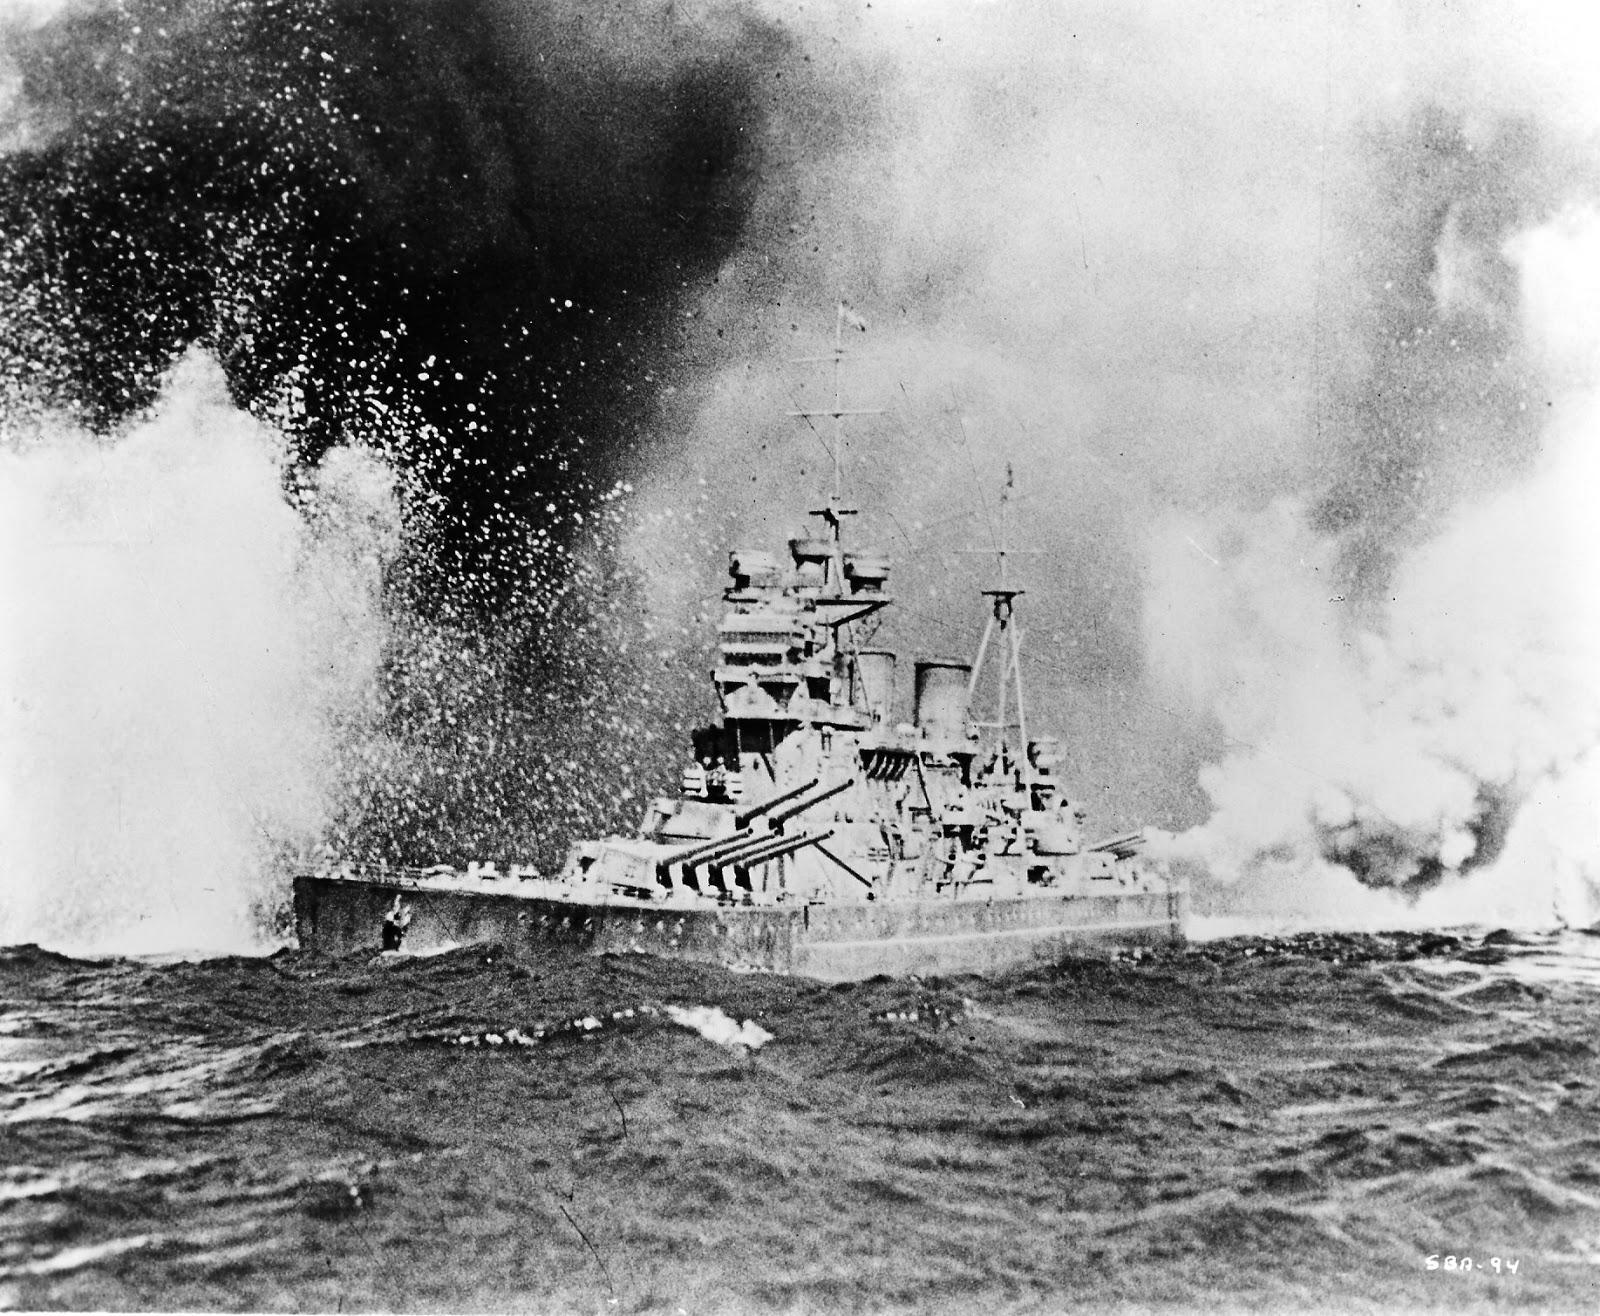 компания фотографии корабля бисмарк ужа более длинный